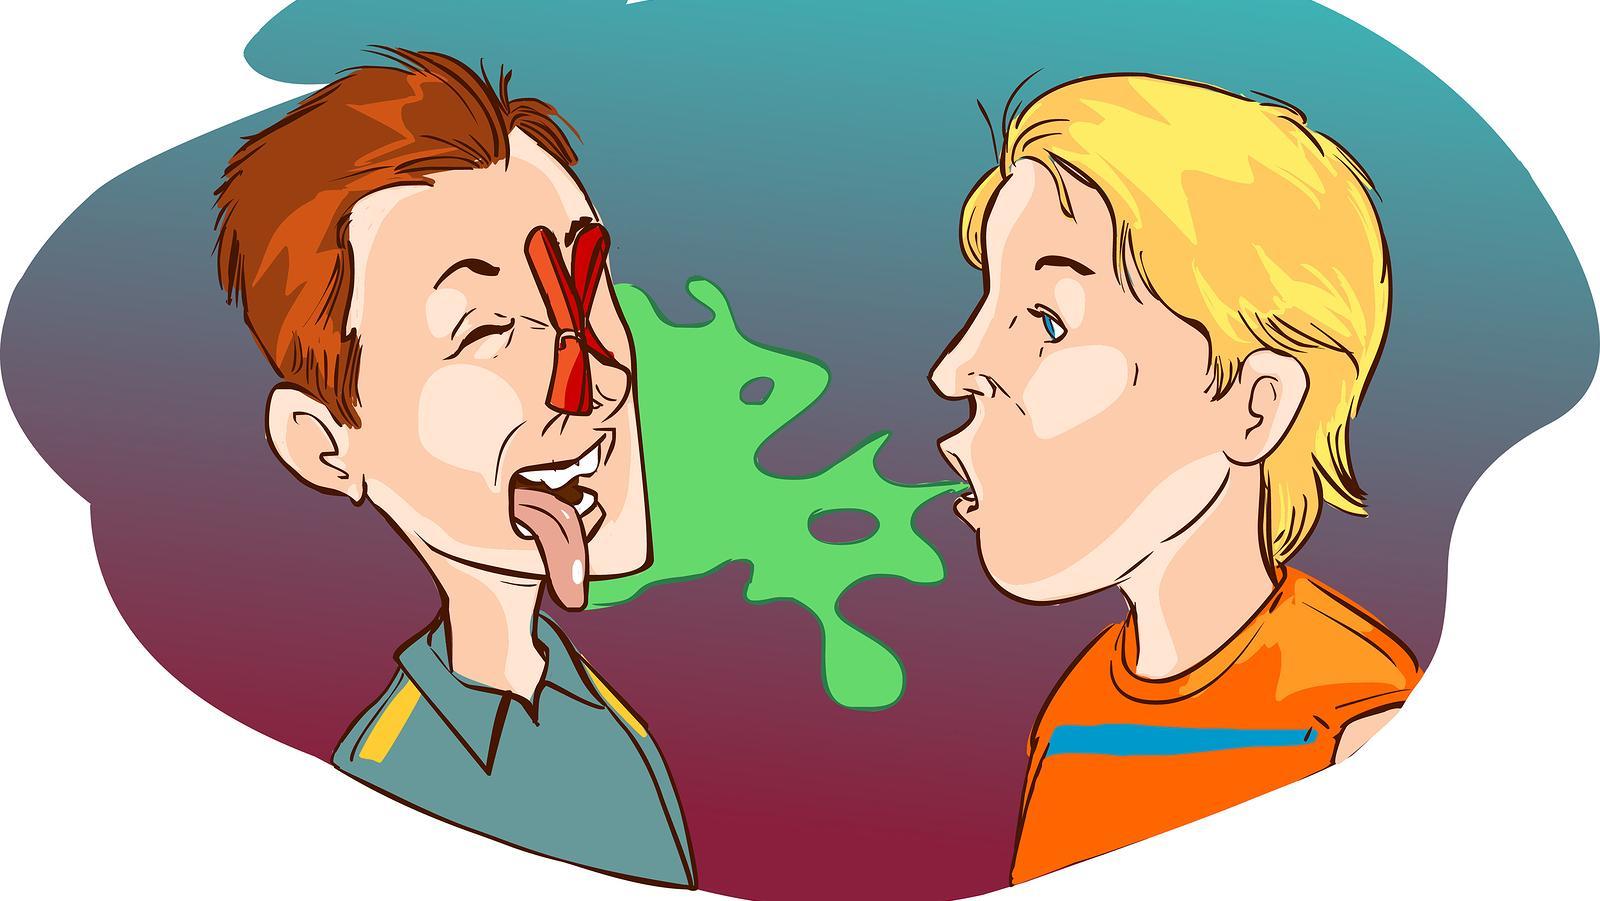 helminthiasis megelőző gyógyszerek kezelése helminták embereken tünetei és kezelése